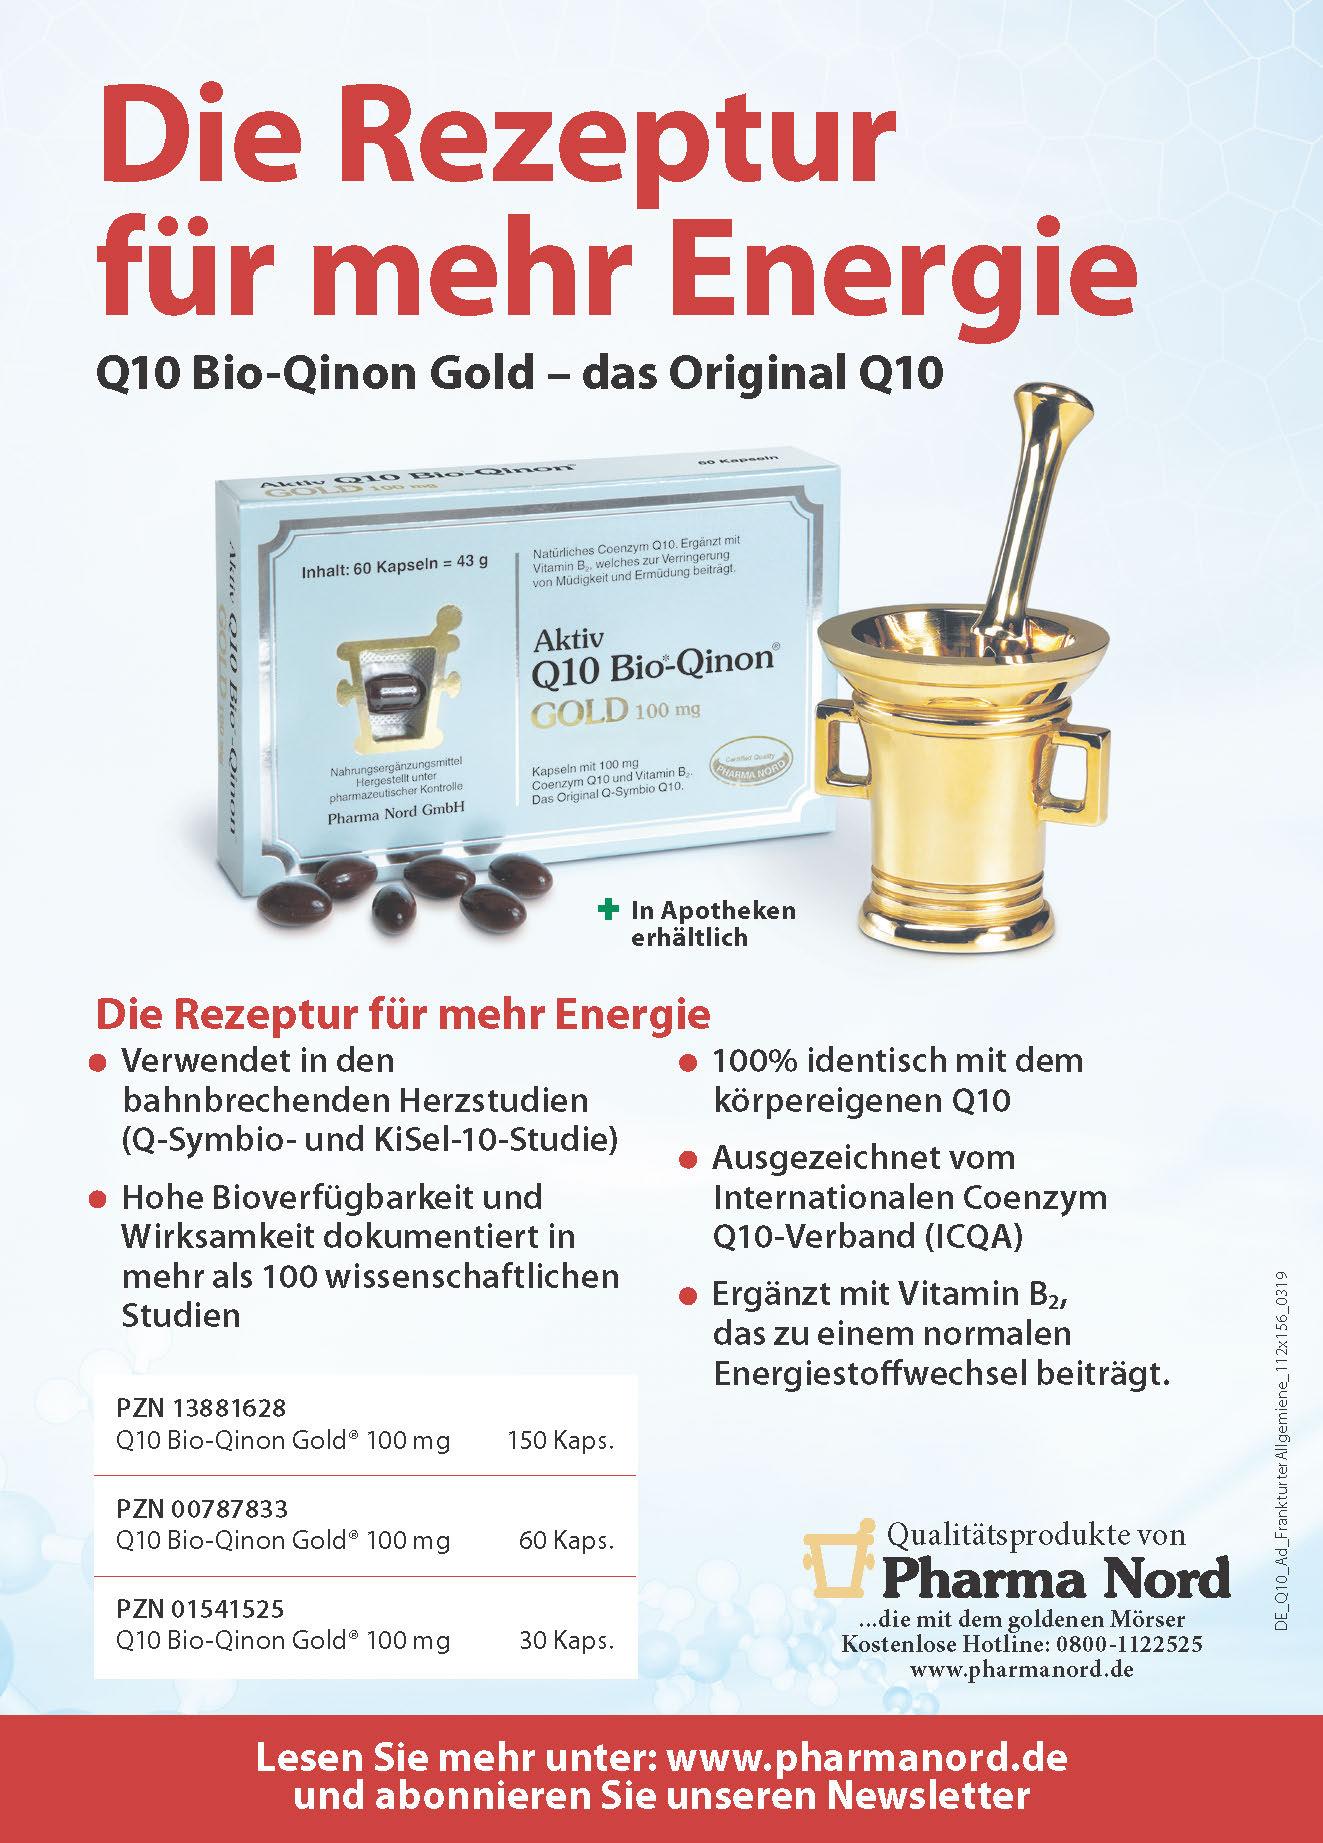 Anzeige: Die Rezeptur für mehr Energie